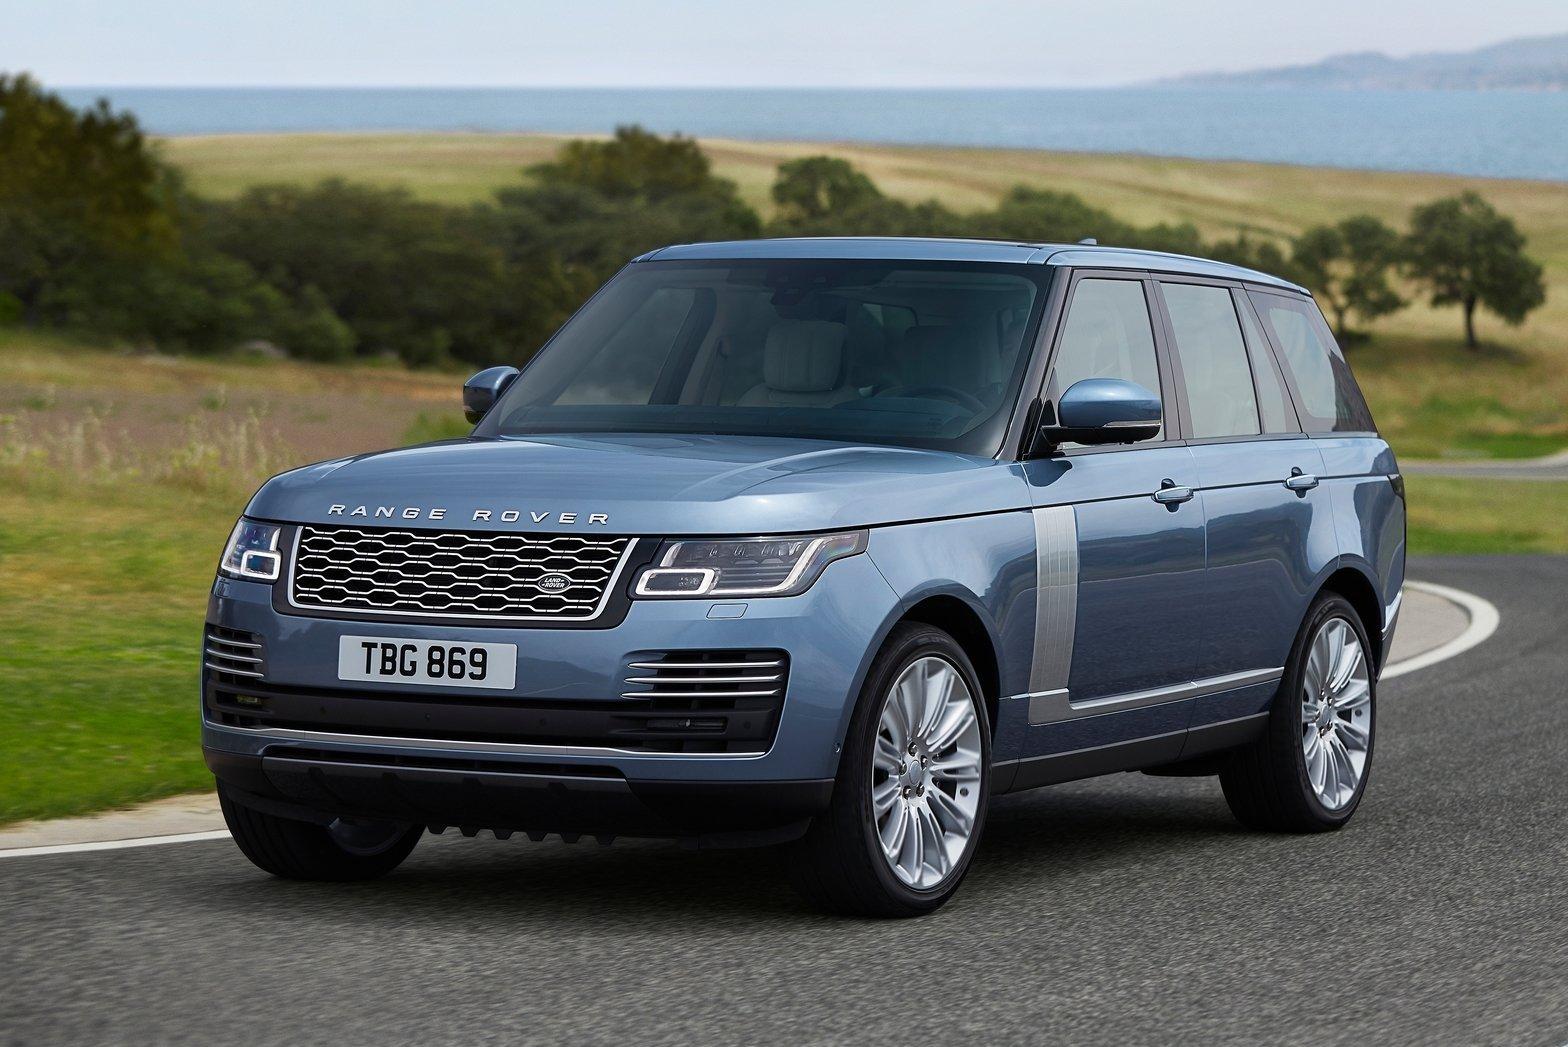 2018 Range Rover revealed; hybrid added, more power for top V8